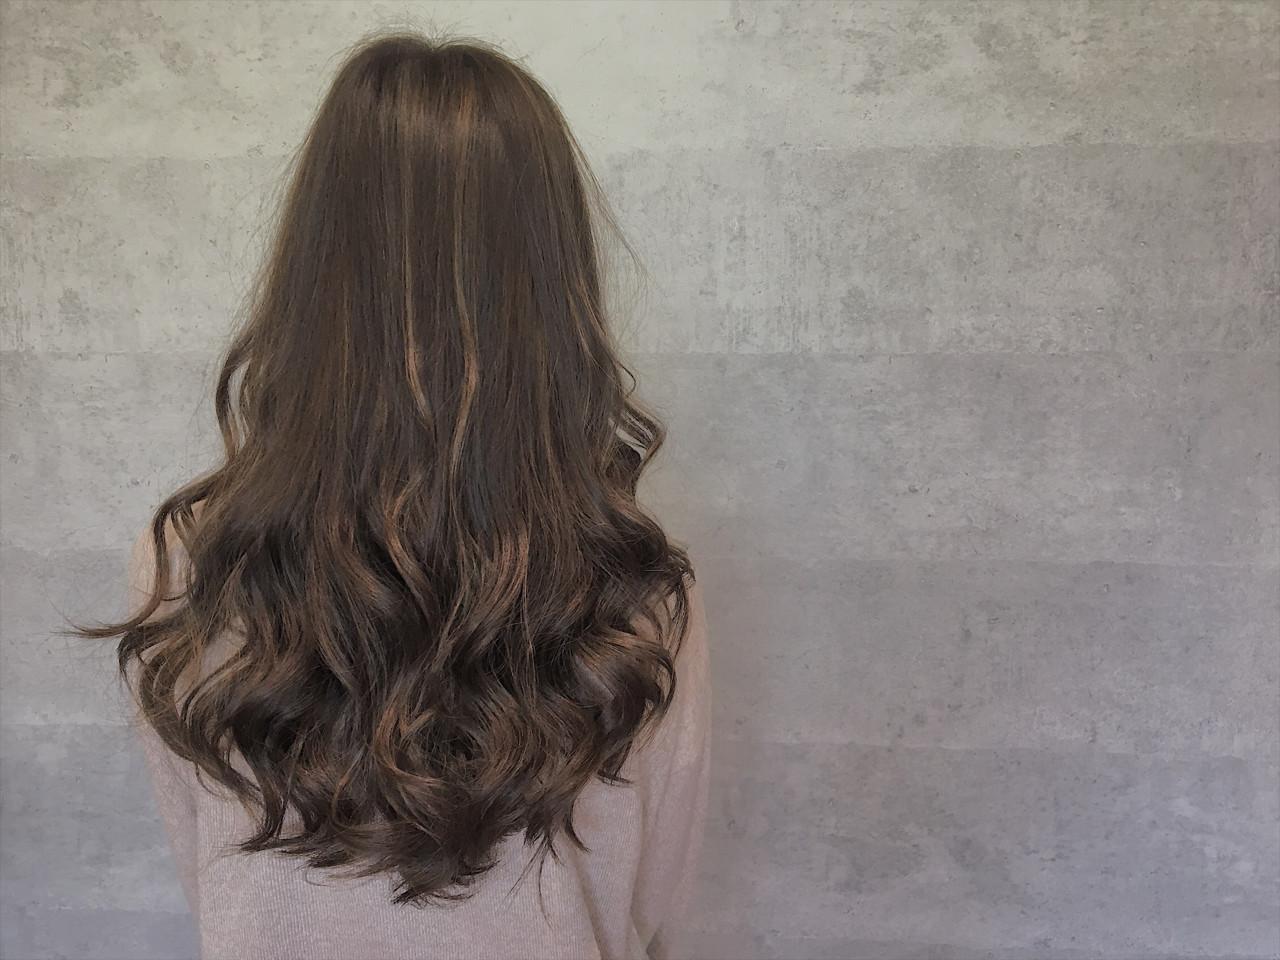 ナチュラル ロング ハイライト ローライト ヘアスタイルや髪型の写真・画像